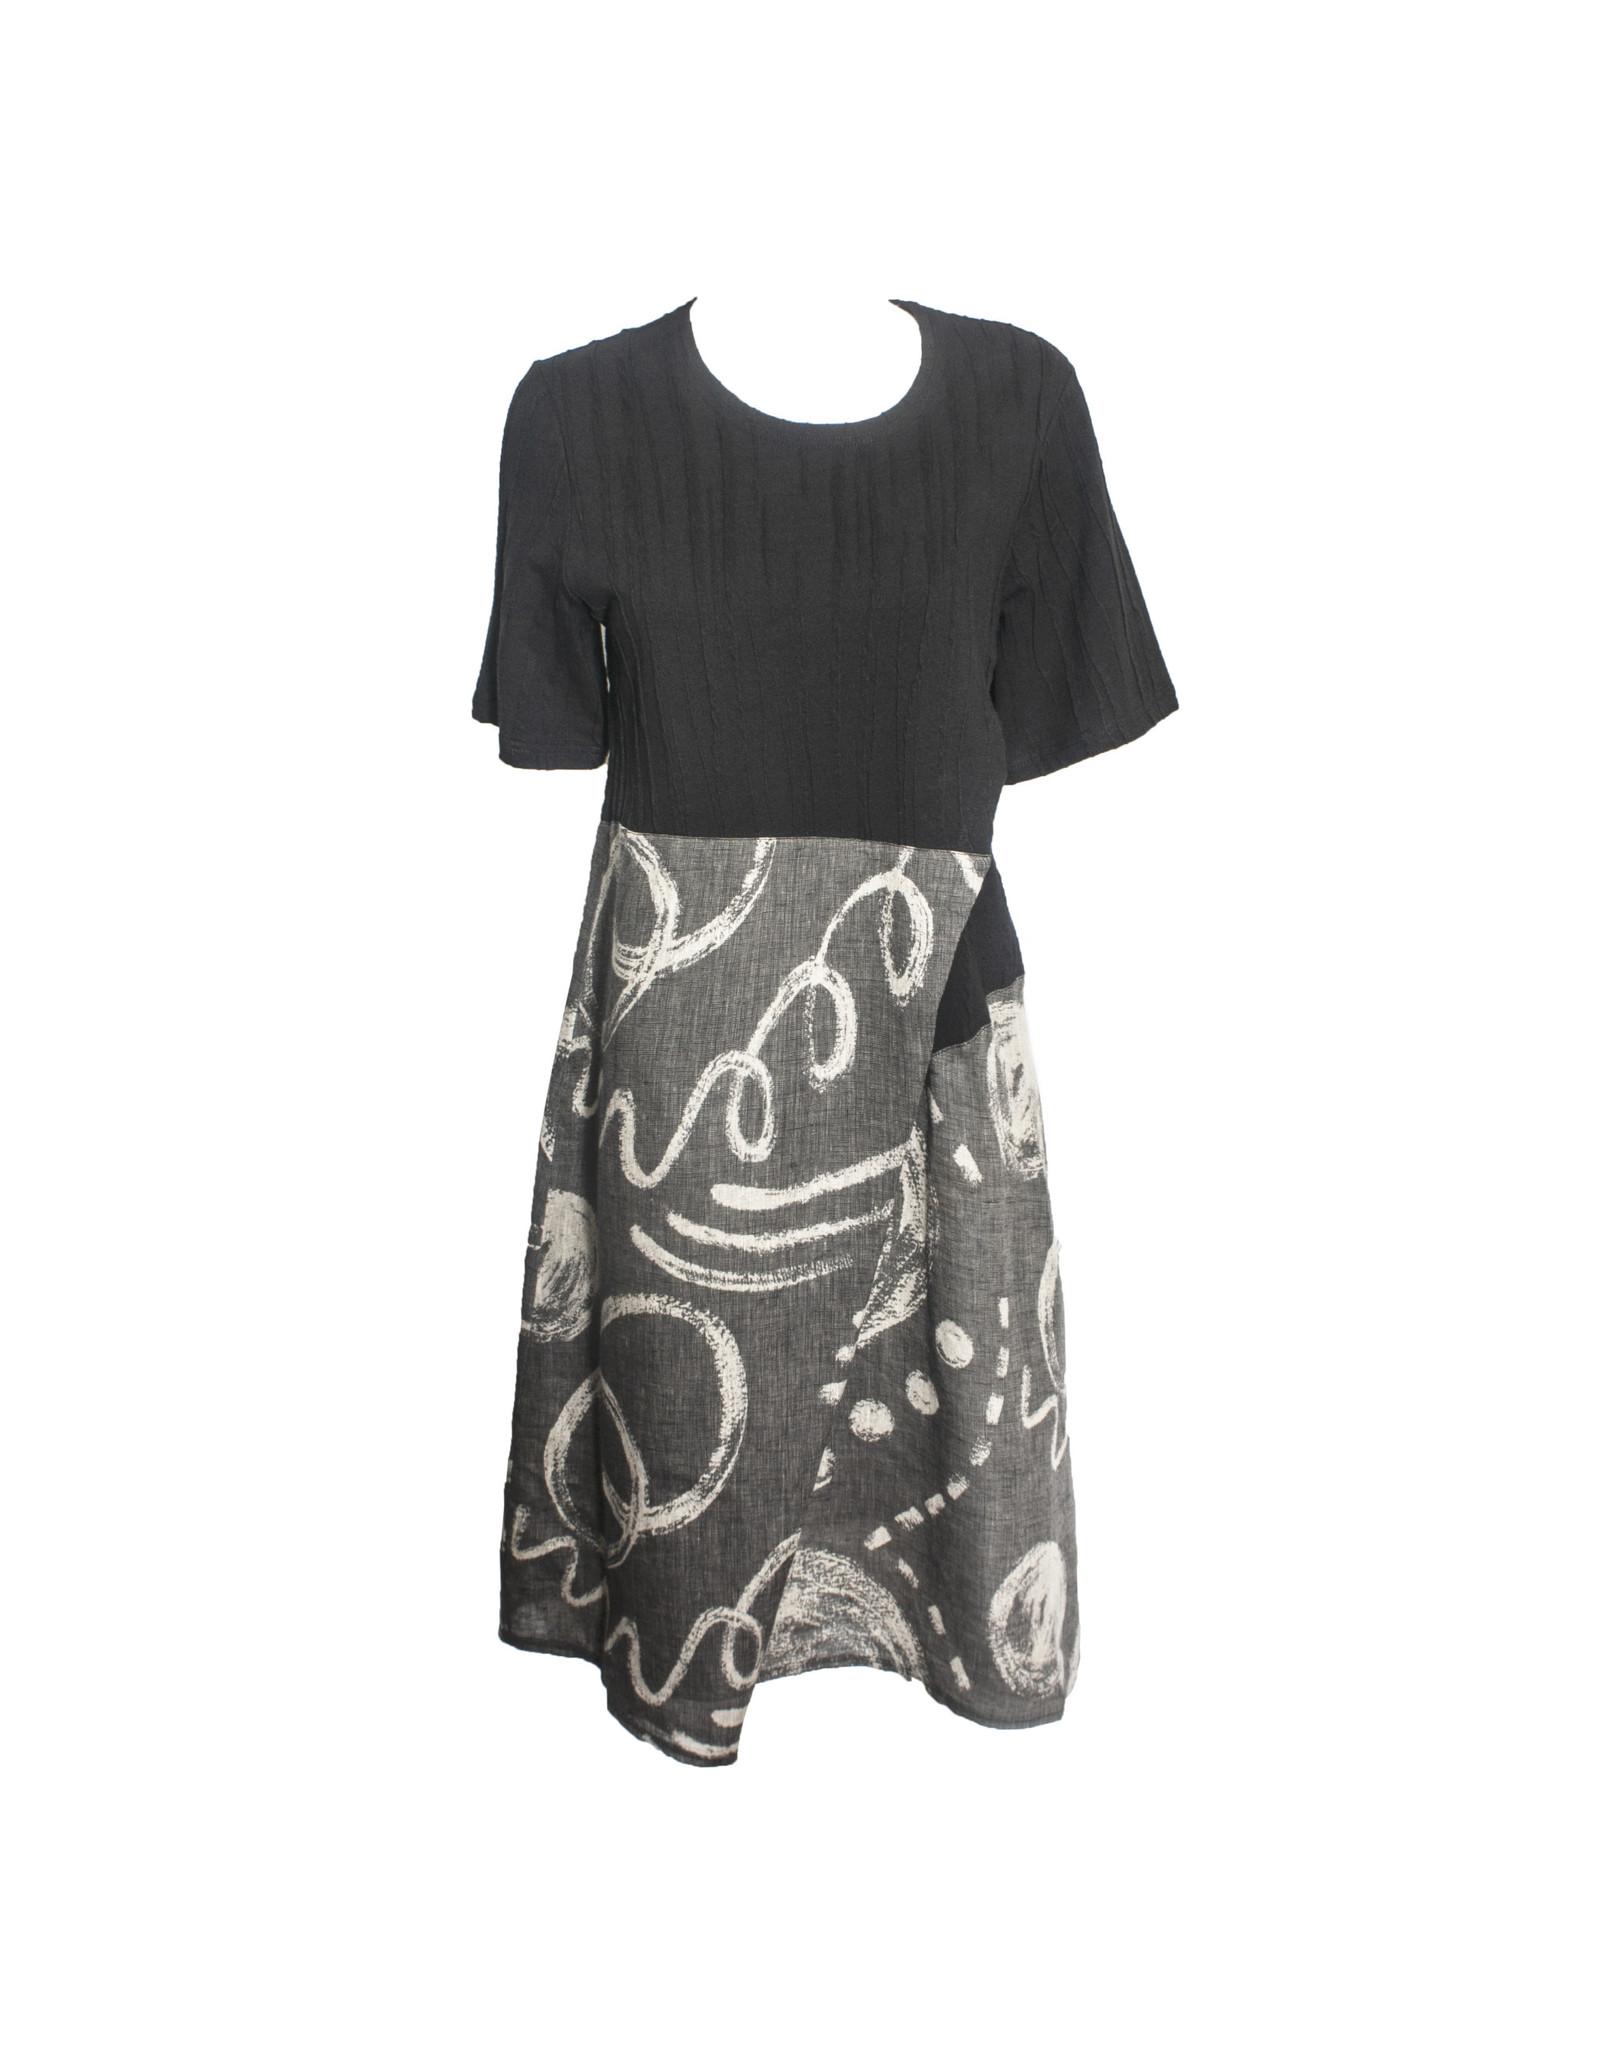 Yoshi Yoshi Yoshi Yoshi Wrap Dress - Black